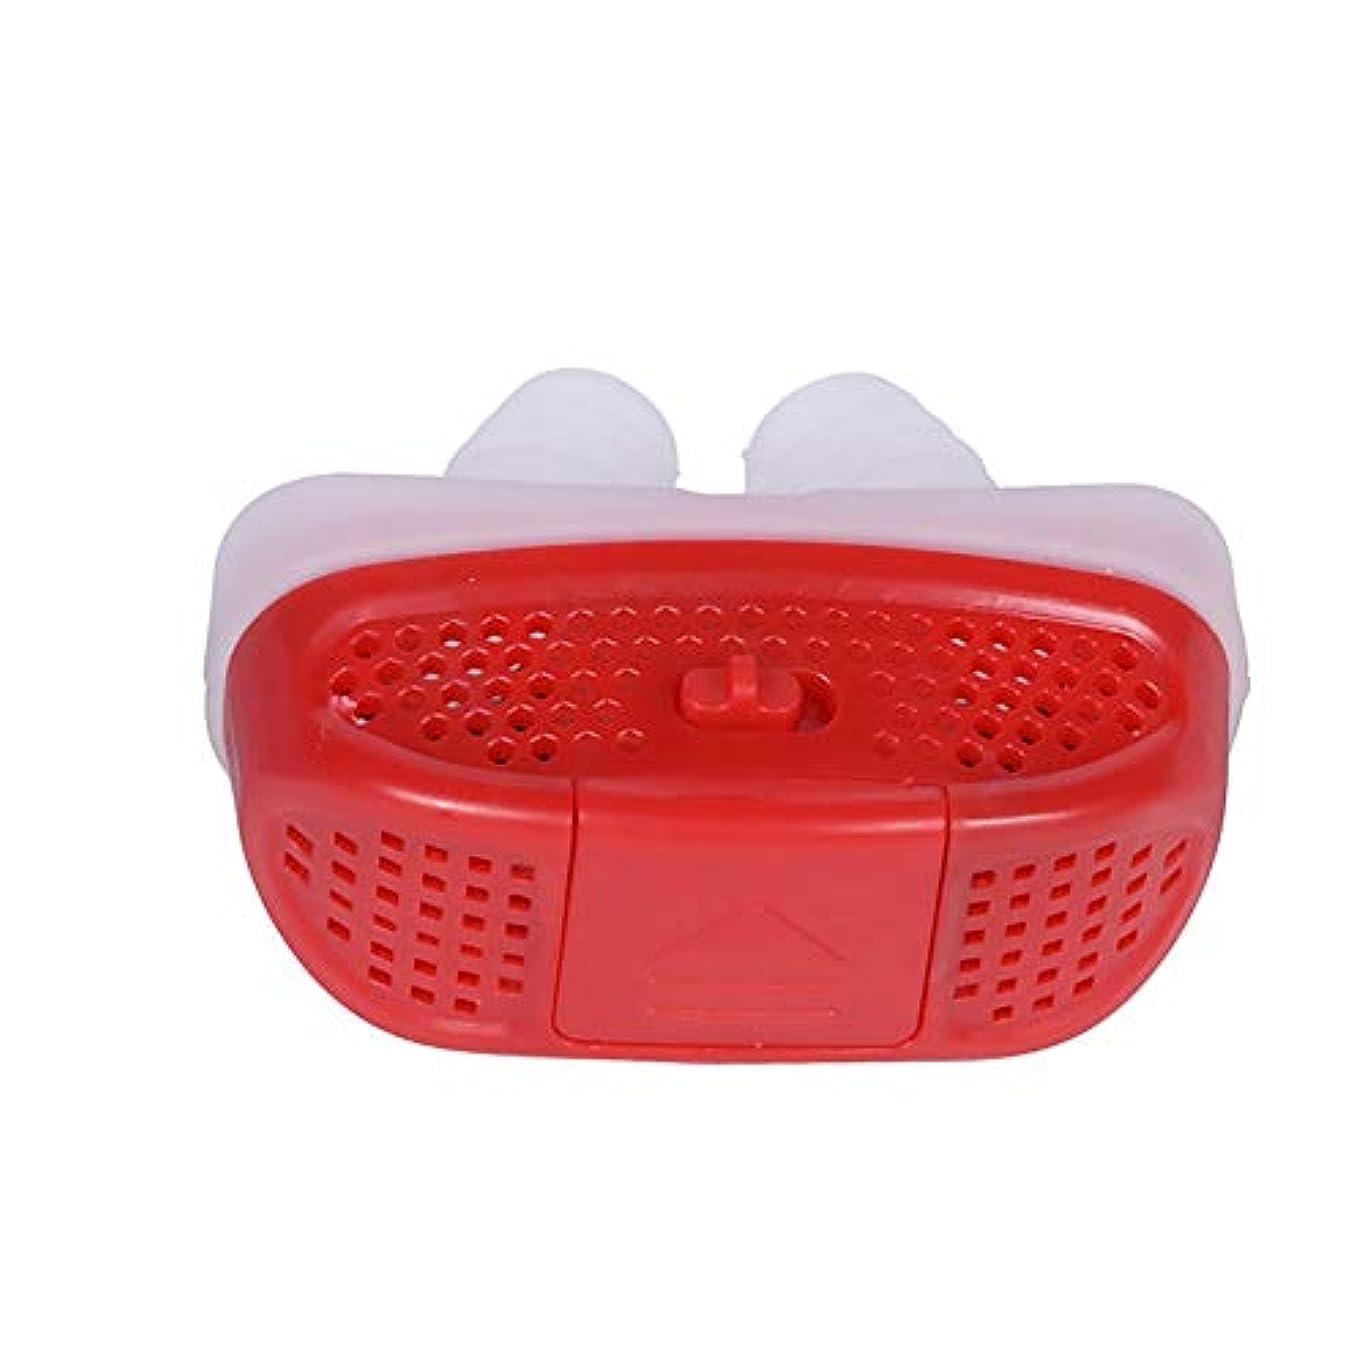 セメント入口動かない電気 いびき止め 空気清浄器 鼻の通気孔 重い呼吸改善 いびき防止 鼻拡張器 バッテリーなし 睡眠器具 Cutelove